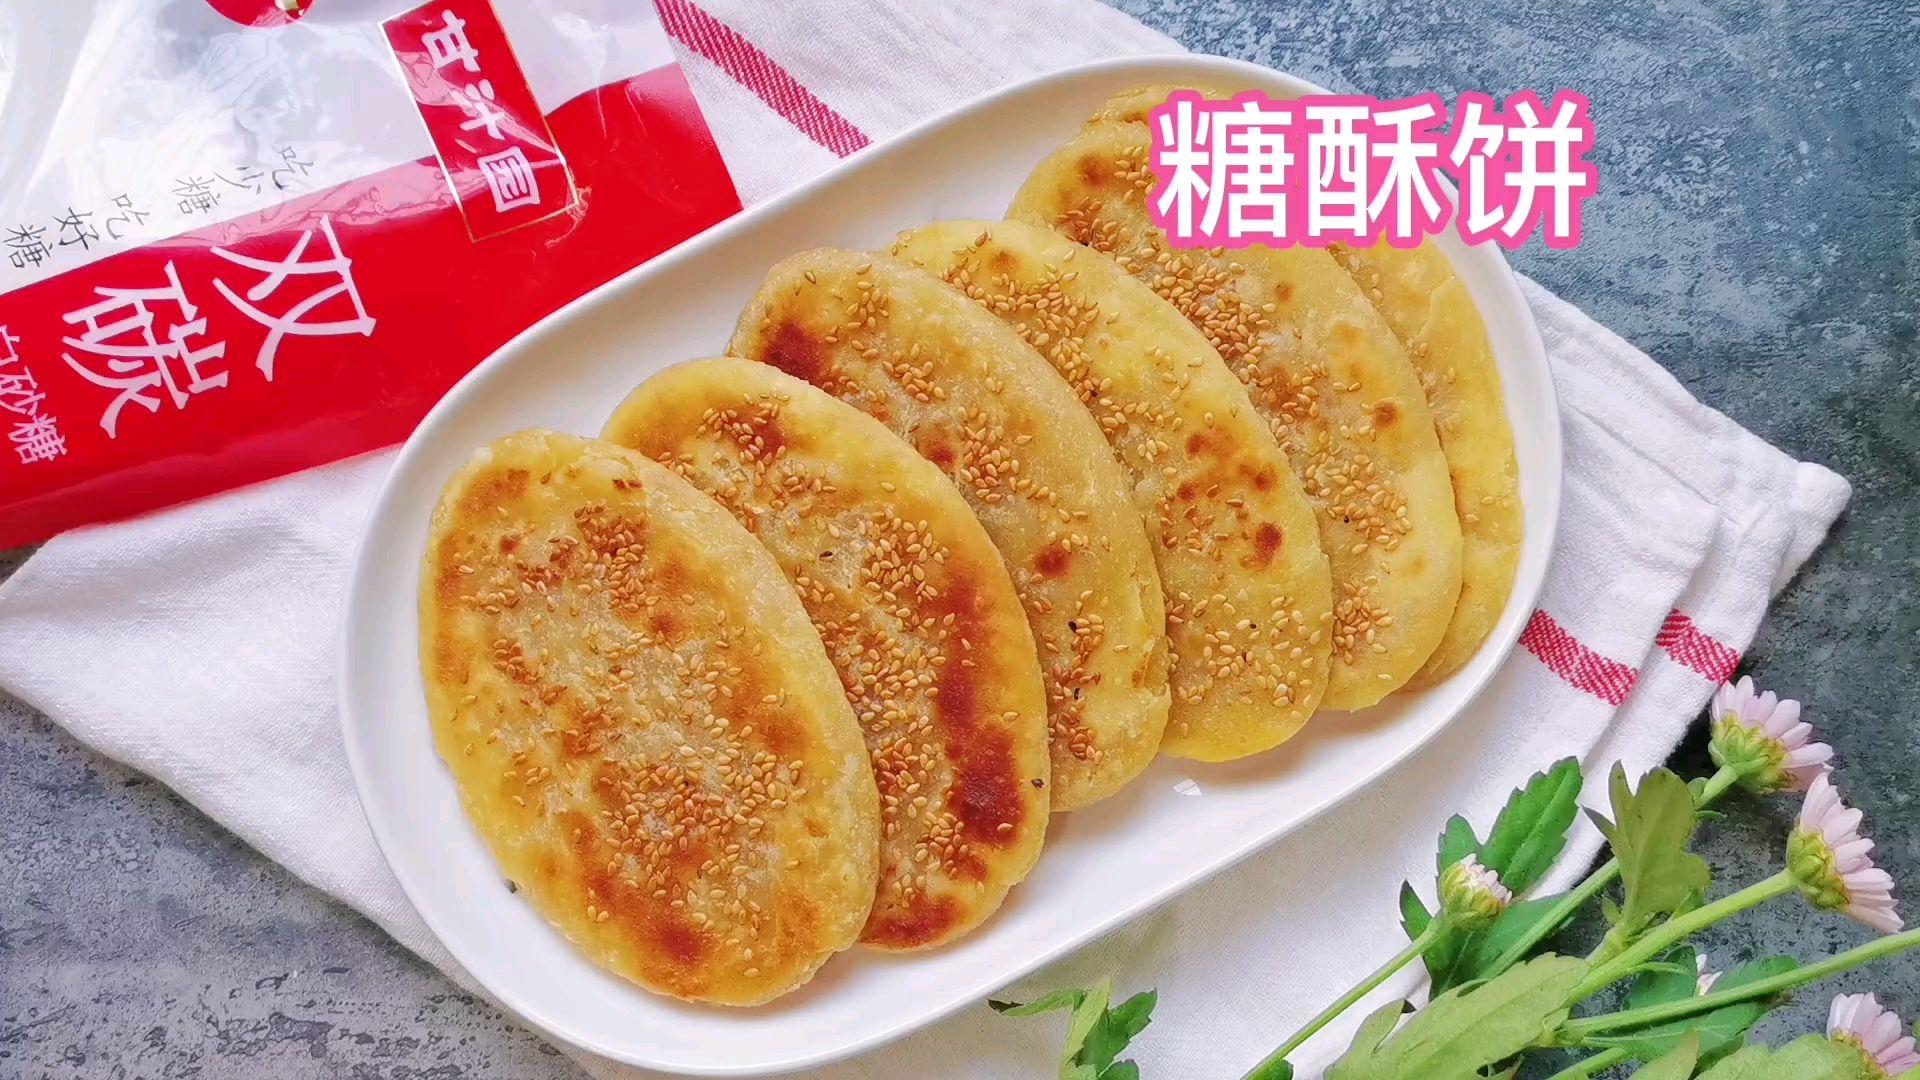 糖酥饼不用发面,这样做外焦里软,又香又酥真好吃,出锅连吃3个的做法